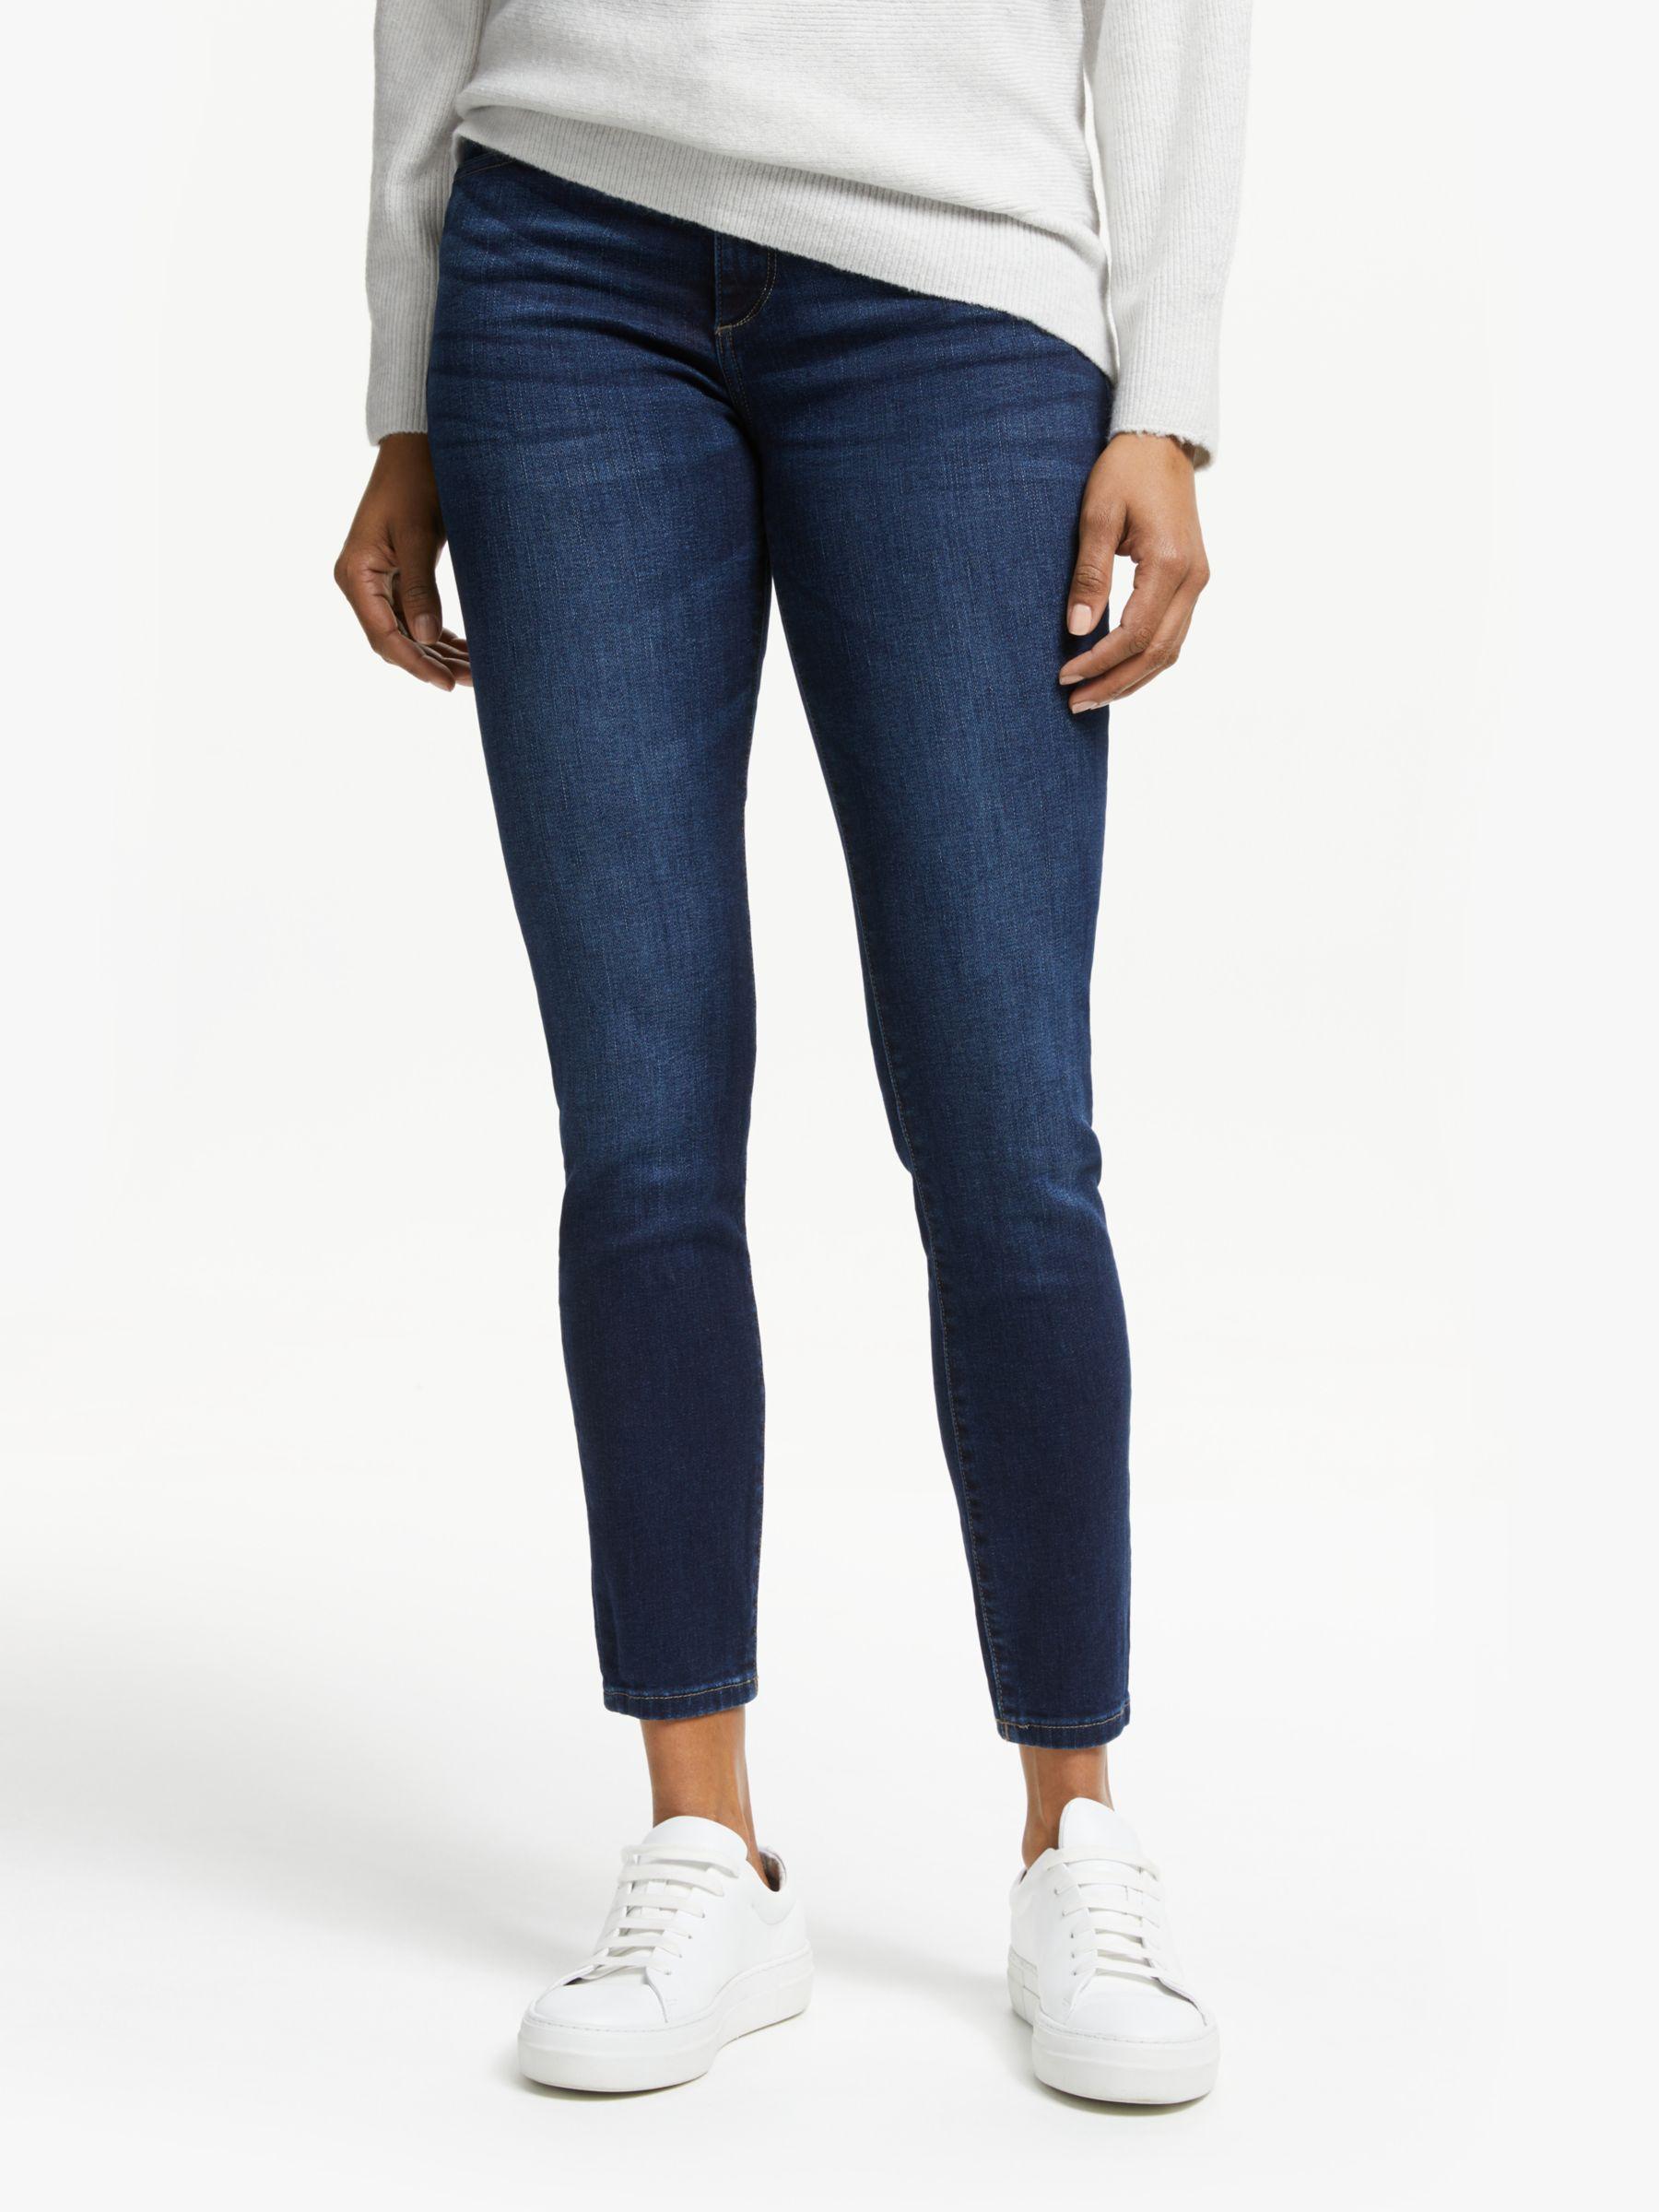 DL1961 DL1961 Florence Mid Rise Ankle Skinny Jeans, Salt Creek